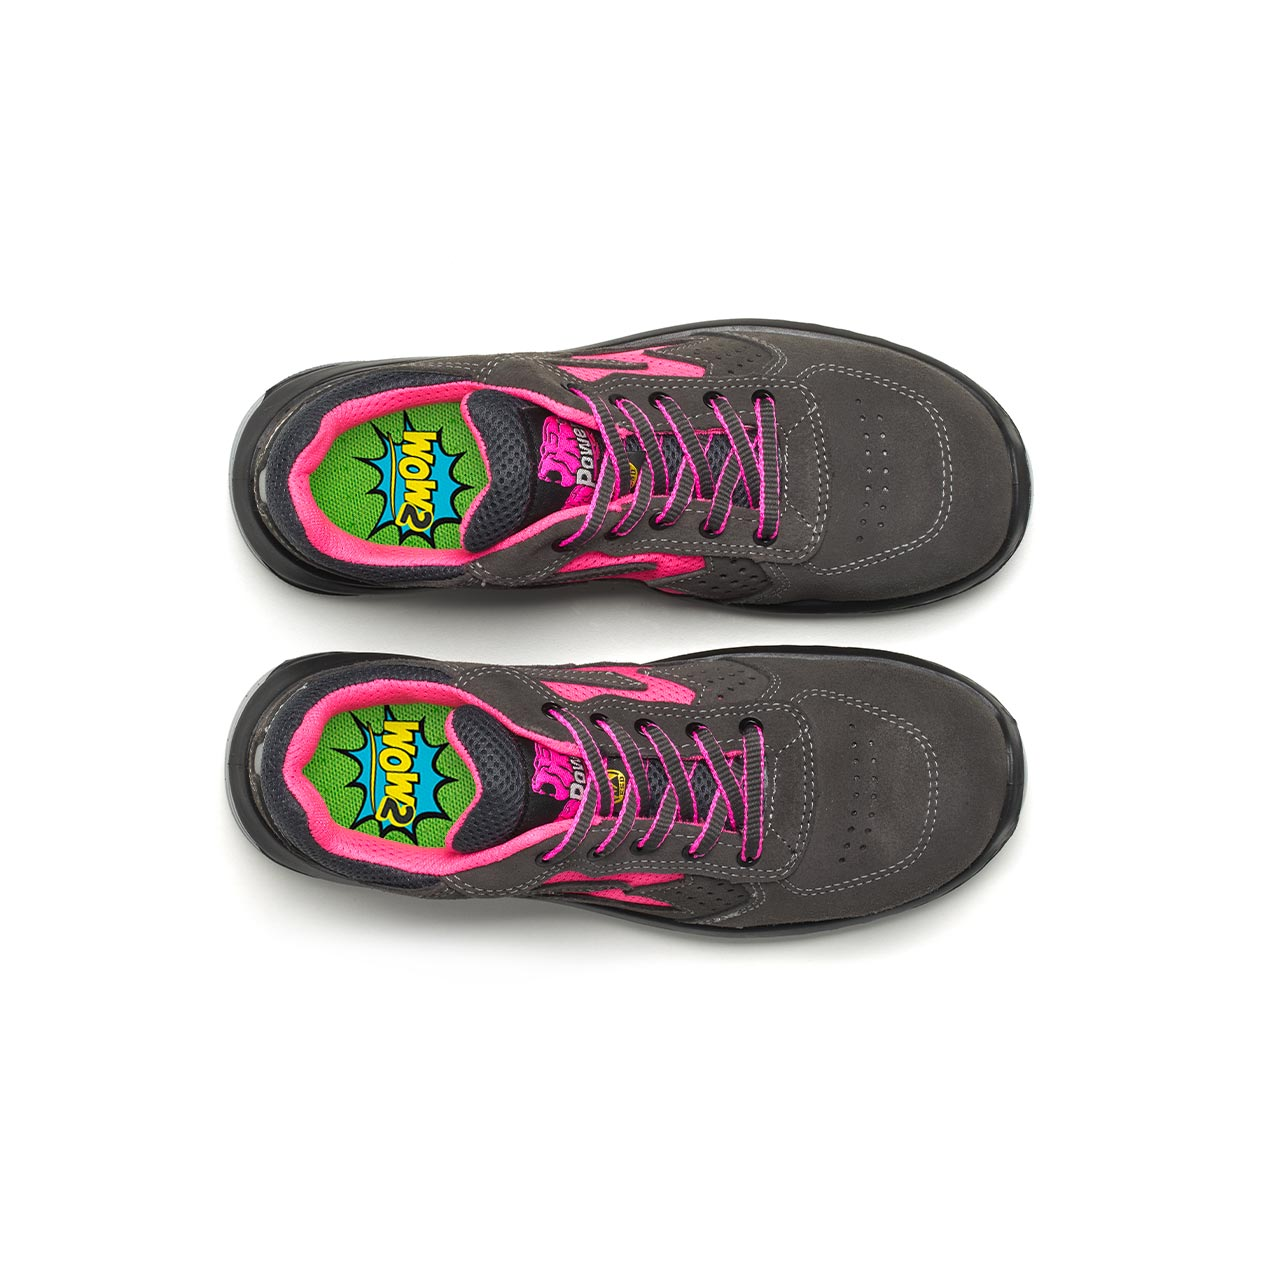 paio di scarpe antinfortunistiche upower modello tokio linea redindustry vista top